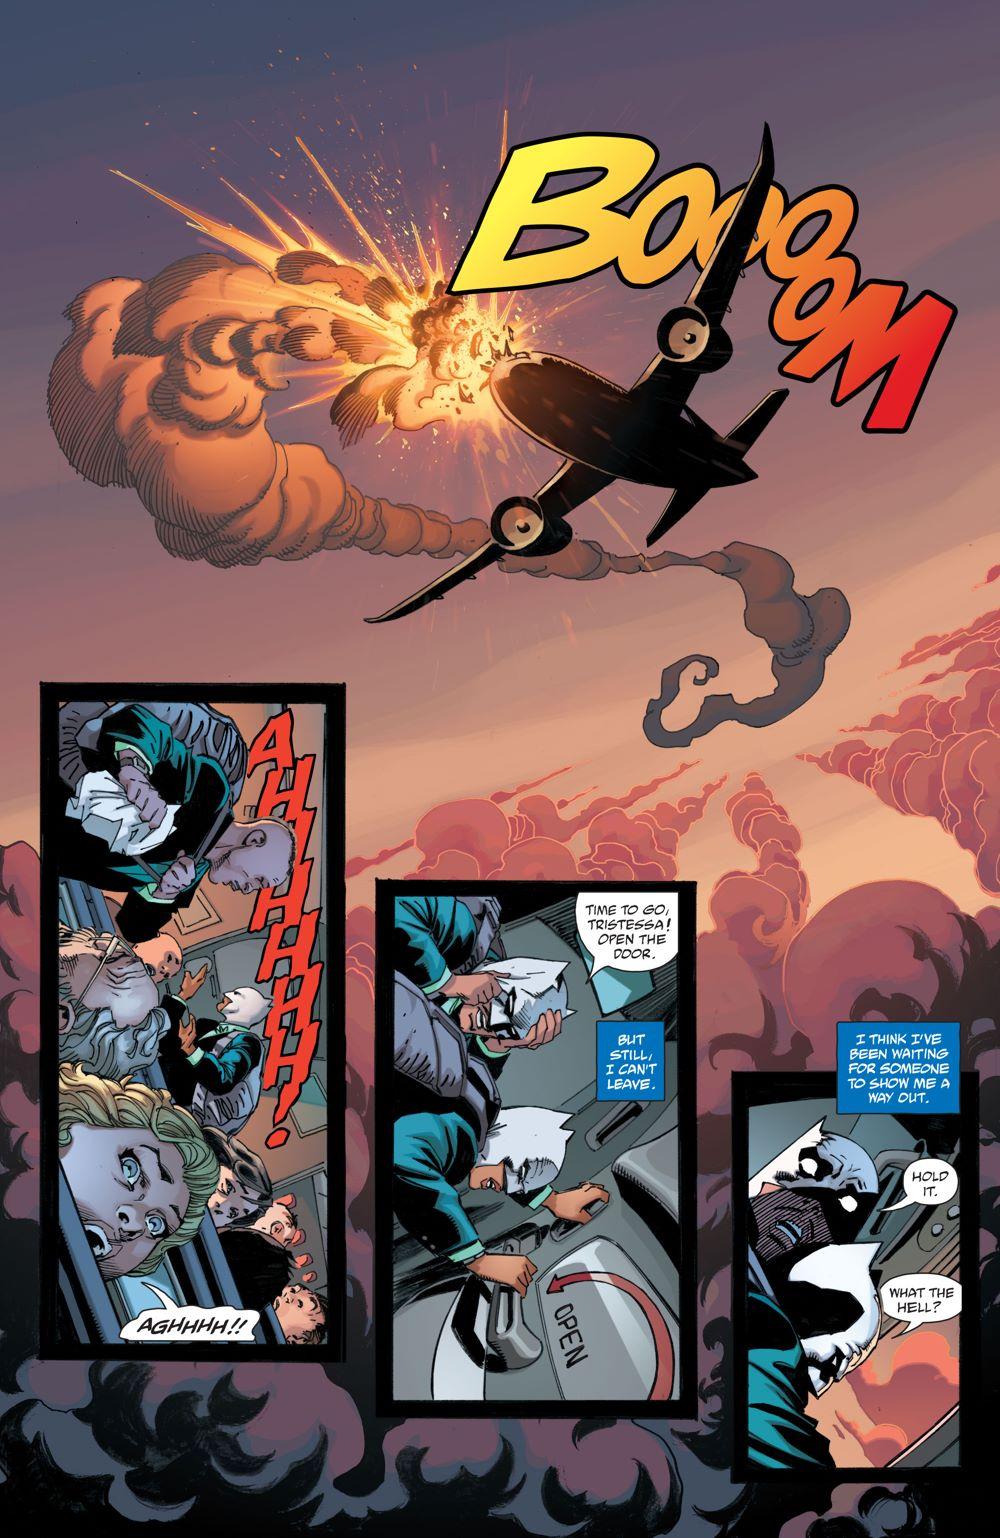 BM_DET_01-5_6070a95146fa46.86749193 ComicList Previews: BATMAN THE DETECTIVE #1 (OF 6)